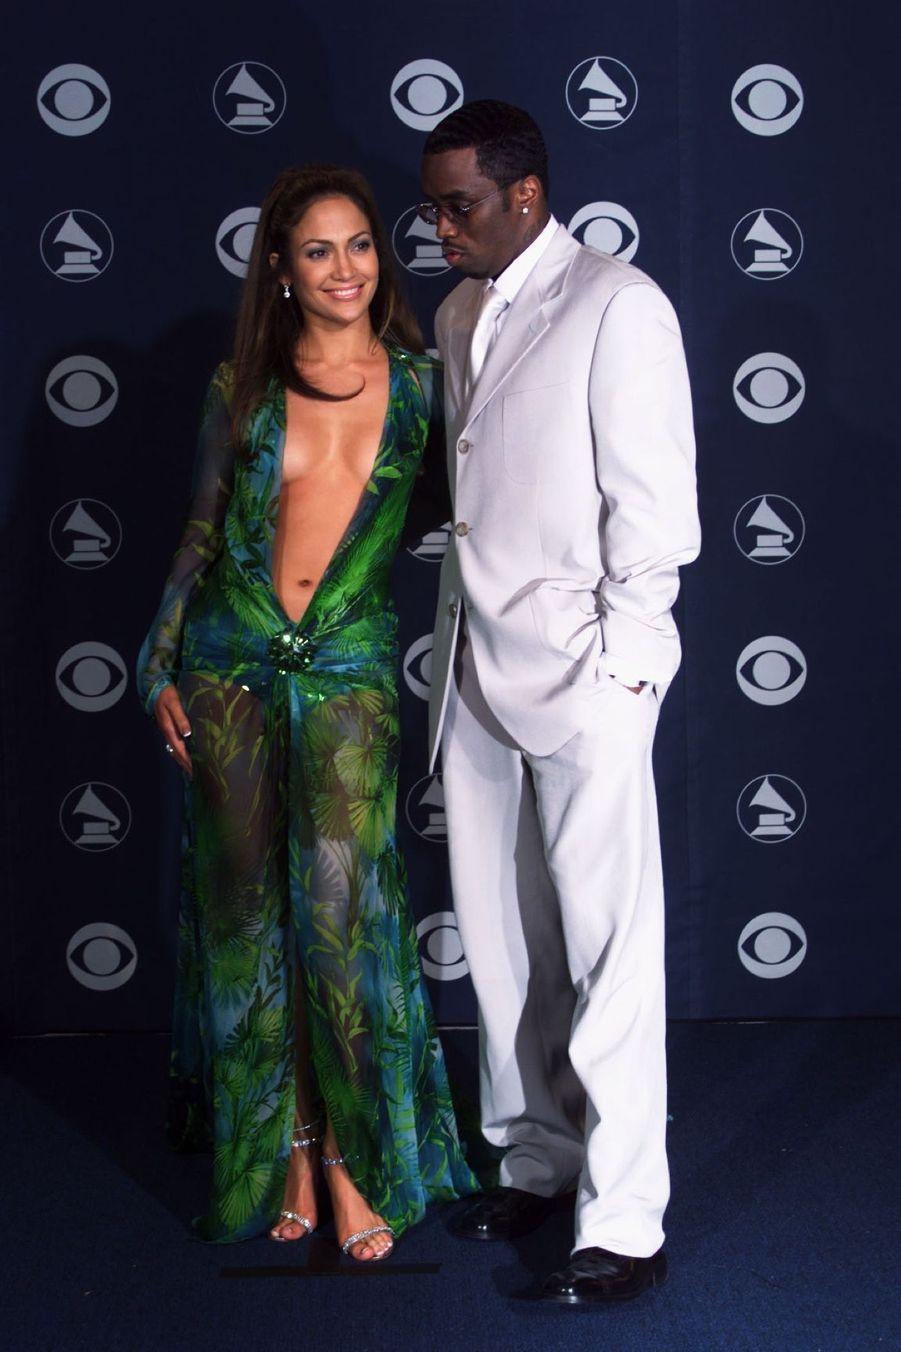 Jennifer Lopez dans sa Jungle Dress, à la cérémonie des 42e Grammy Awards (ici avec son compagnon de l'époque, Puff Daddy), le 23 février 2000.